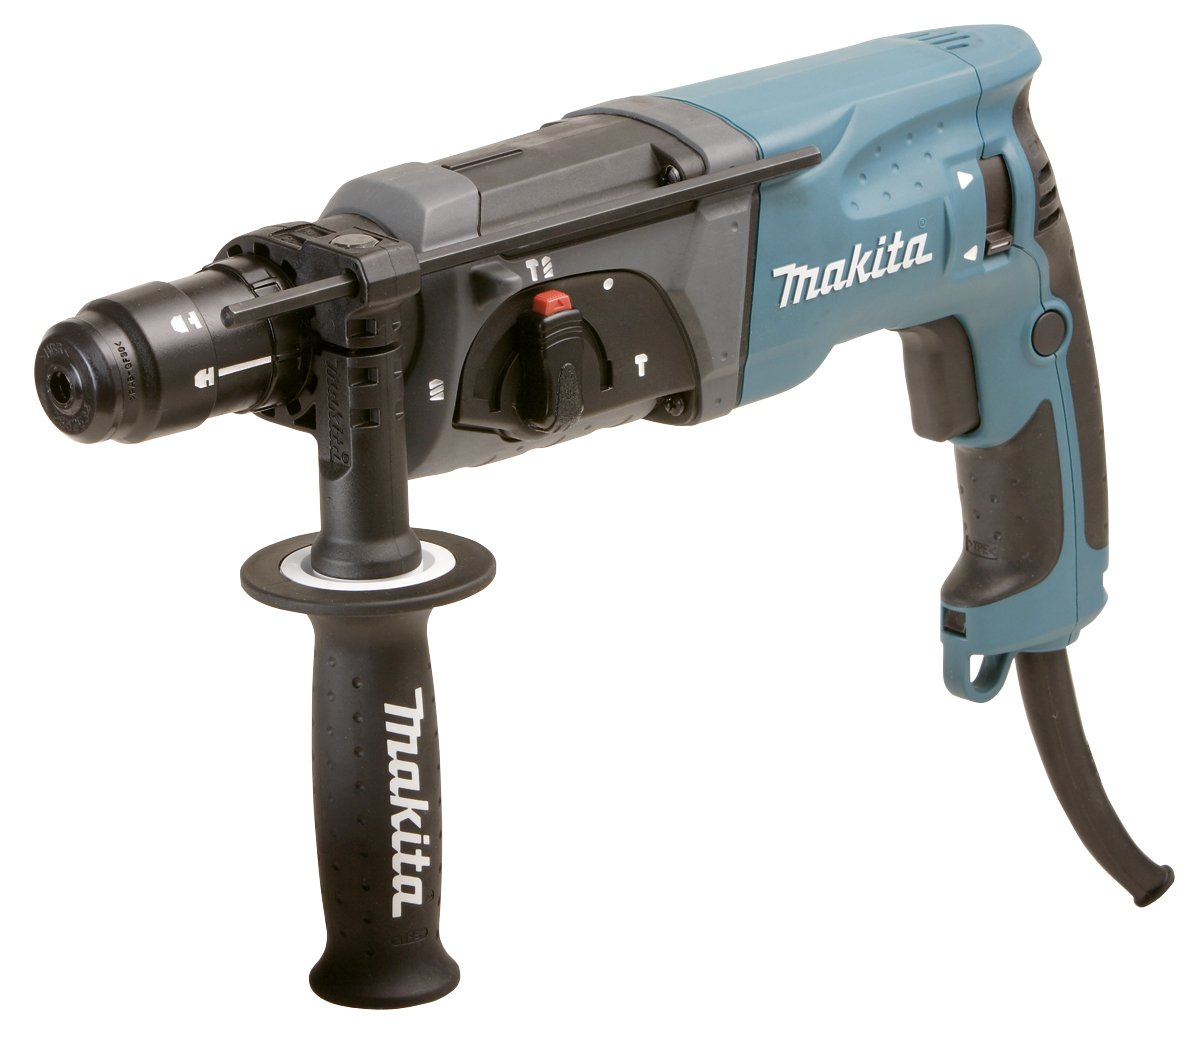 Makita HR 2470 FT SDSPlusBohrhammer  BaumarktBewertungen und Beschreibung